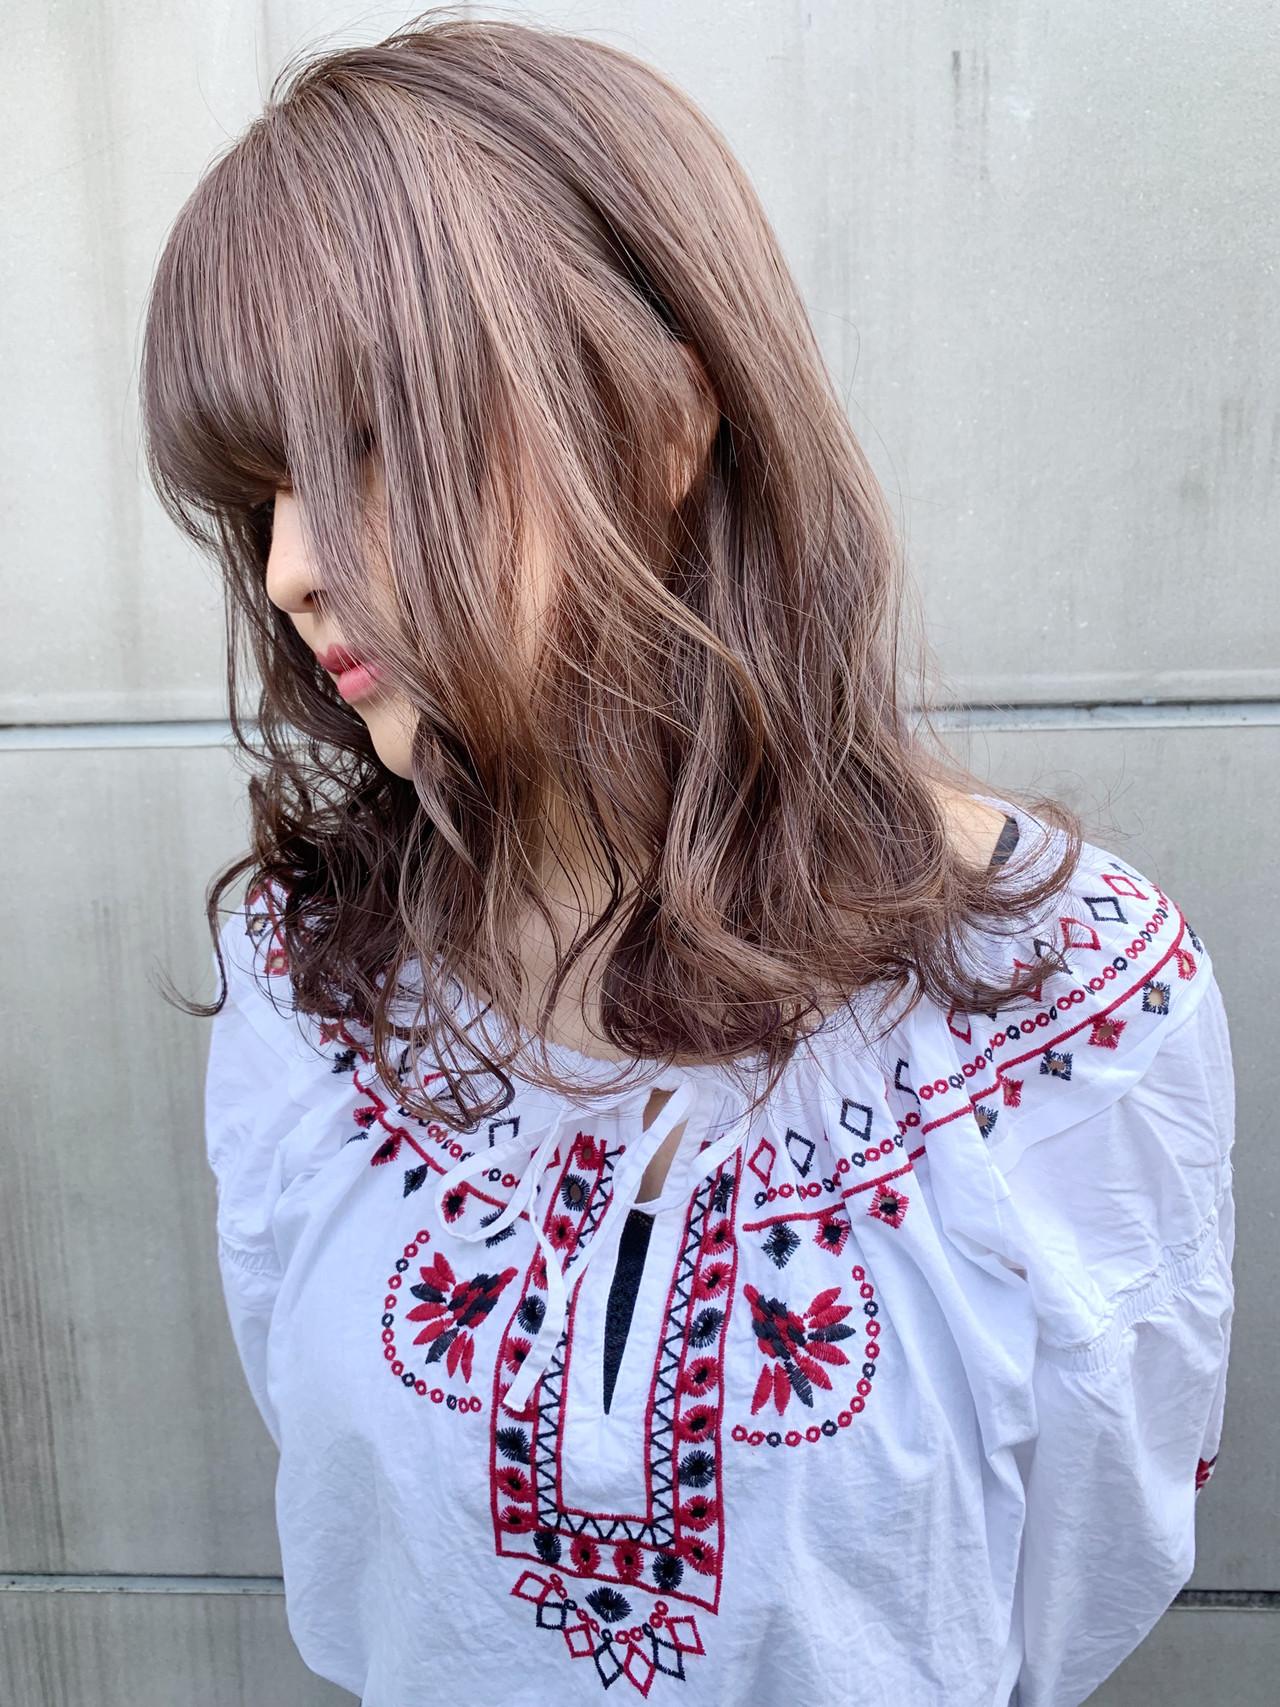 グレージュ ミルクティー セミロング デート ヘアスタイルや髪型の写真・画像 | 阪下 裕紀 / フリーランス /SALOWIN